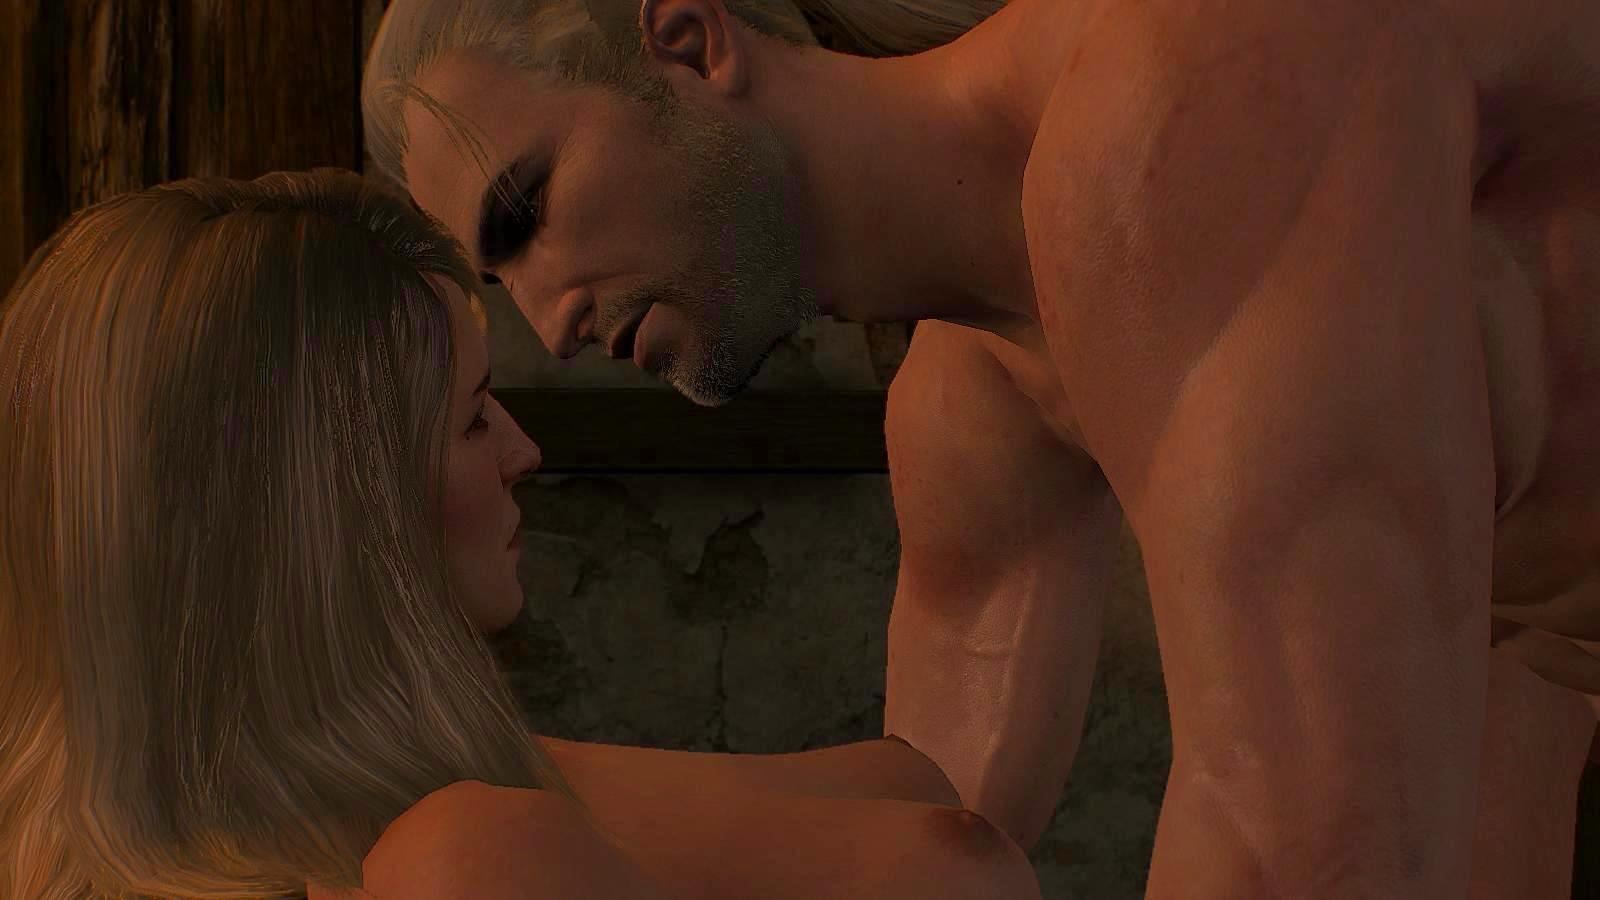 Геральт: Кейра, ты такая привлекательная женщина! ;)